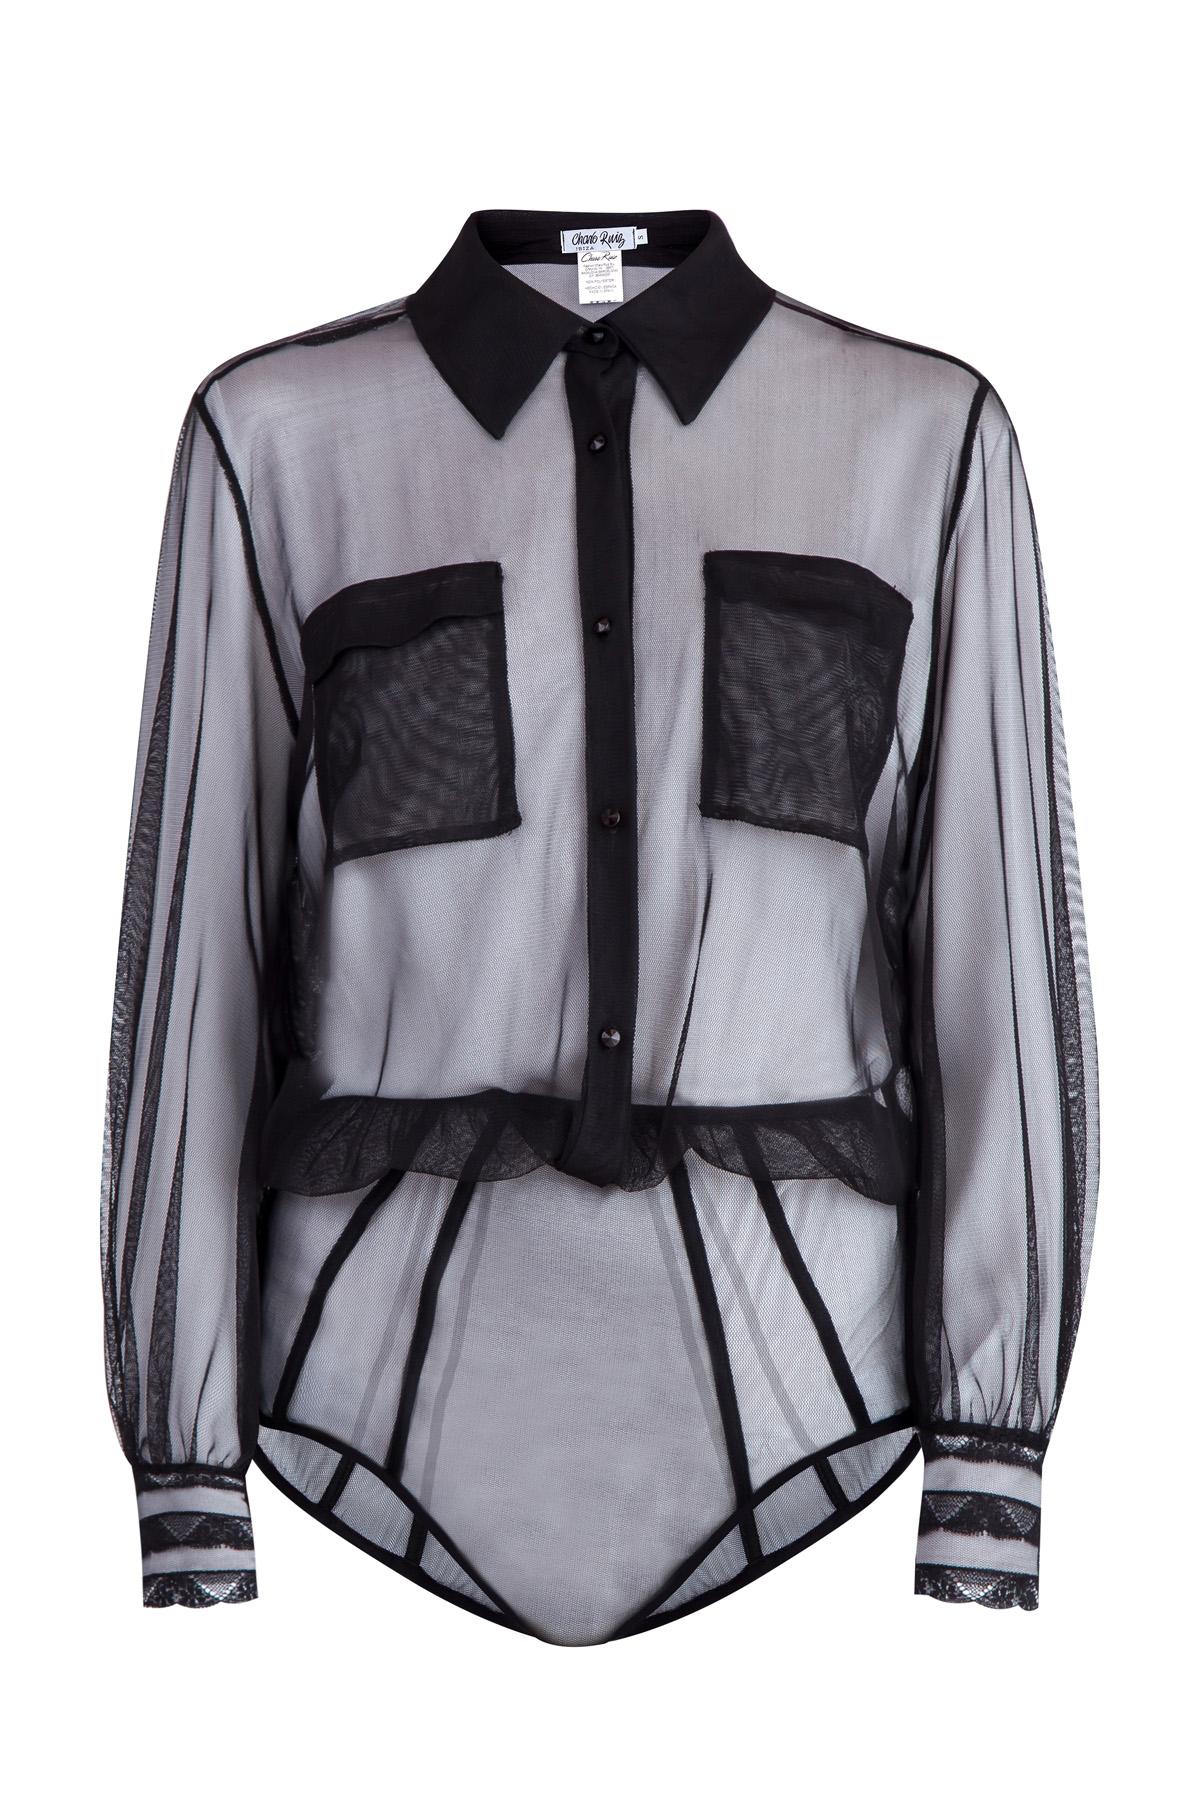 Блузка-боди из прозрачной ткани с эластичной вставкой на поясе